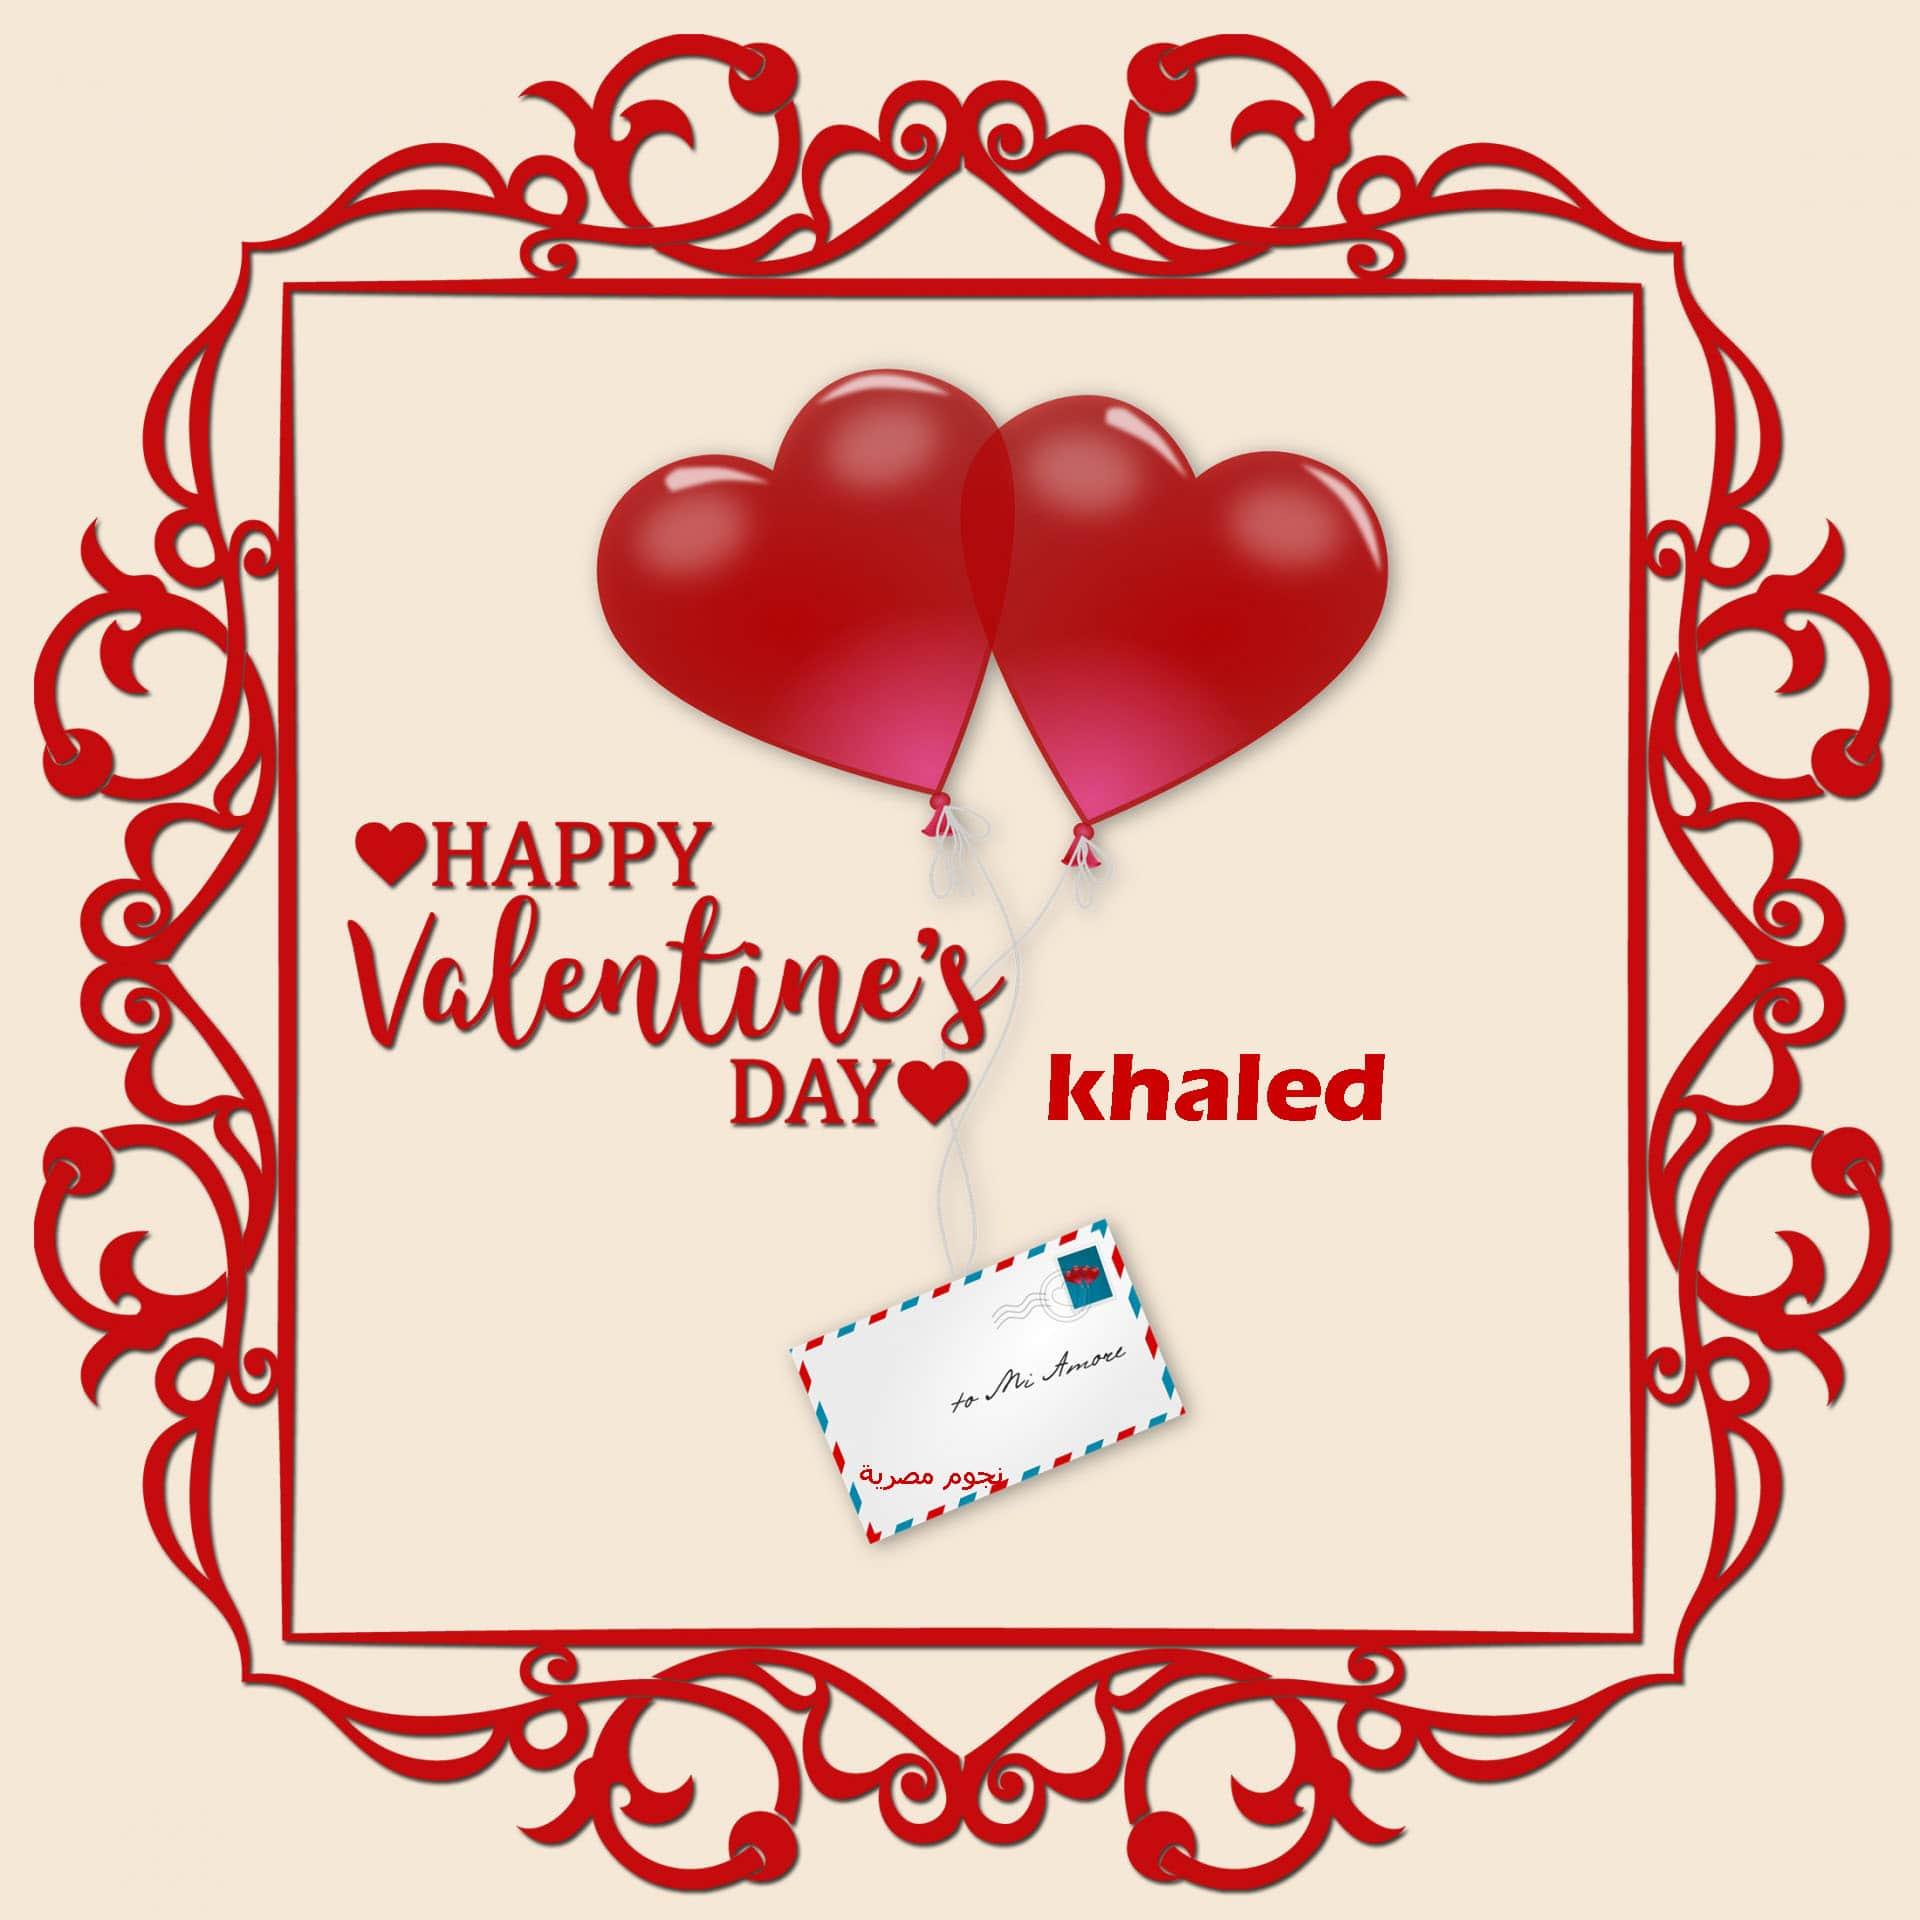 بالصور رسائل عن الحب , صور لعيد الحب 5203 10